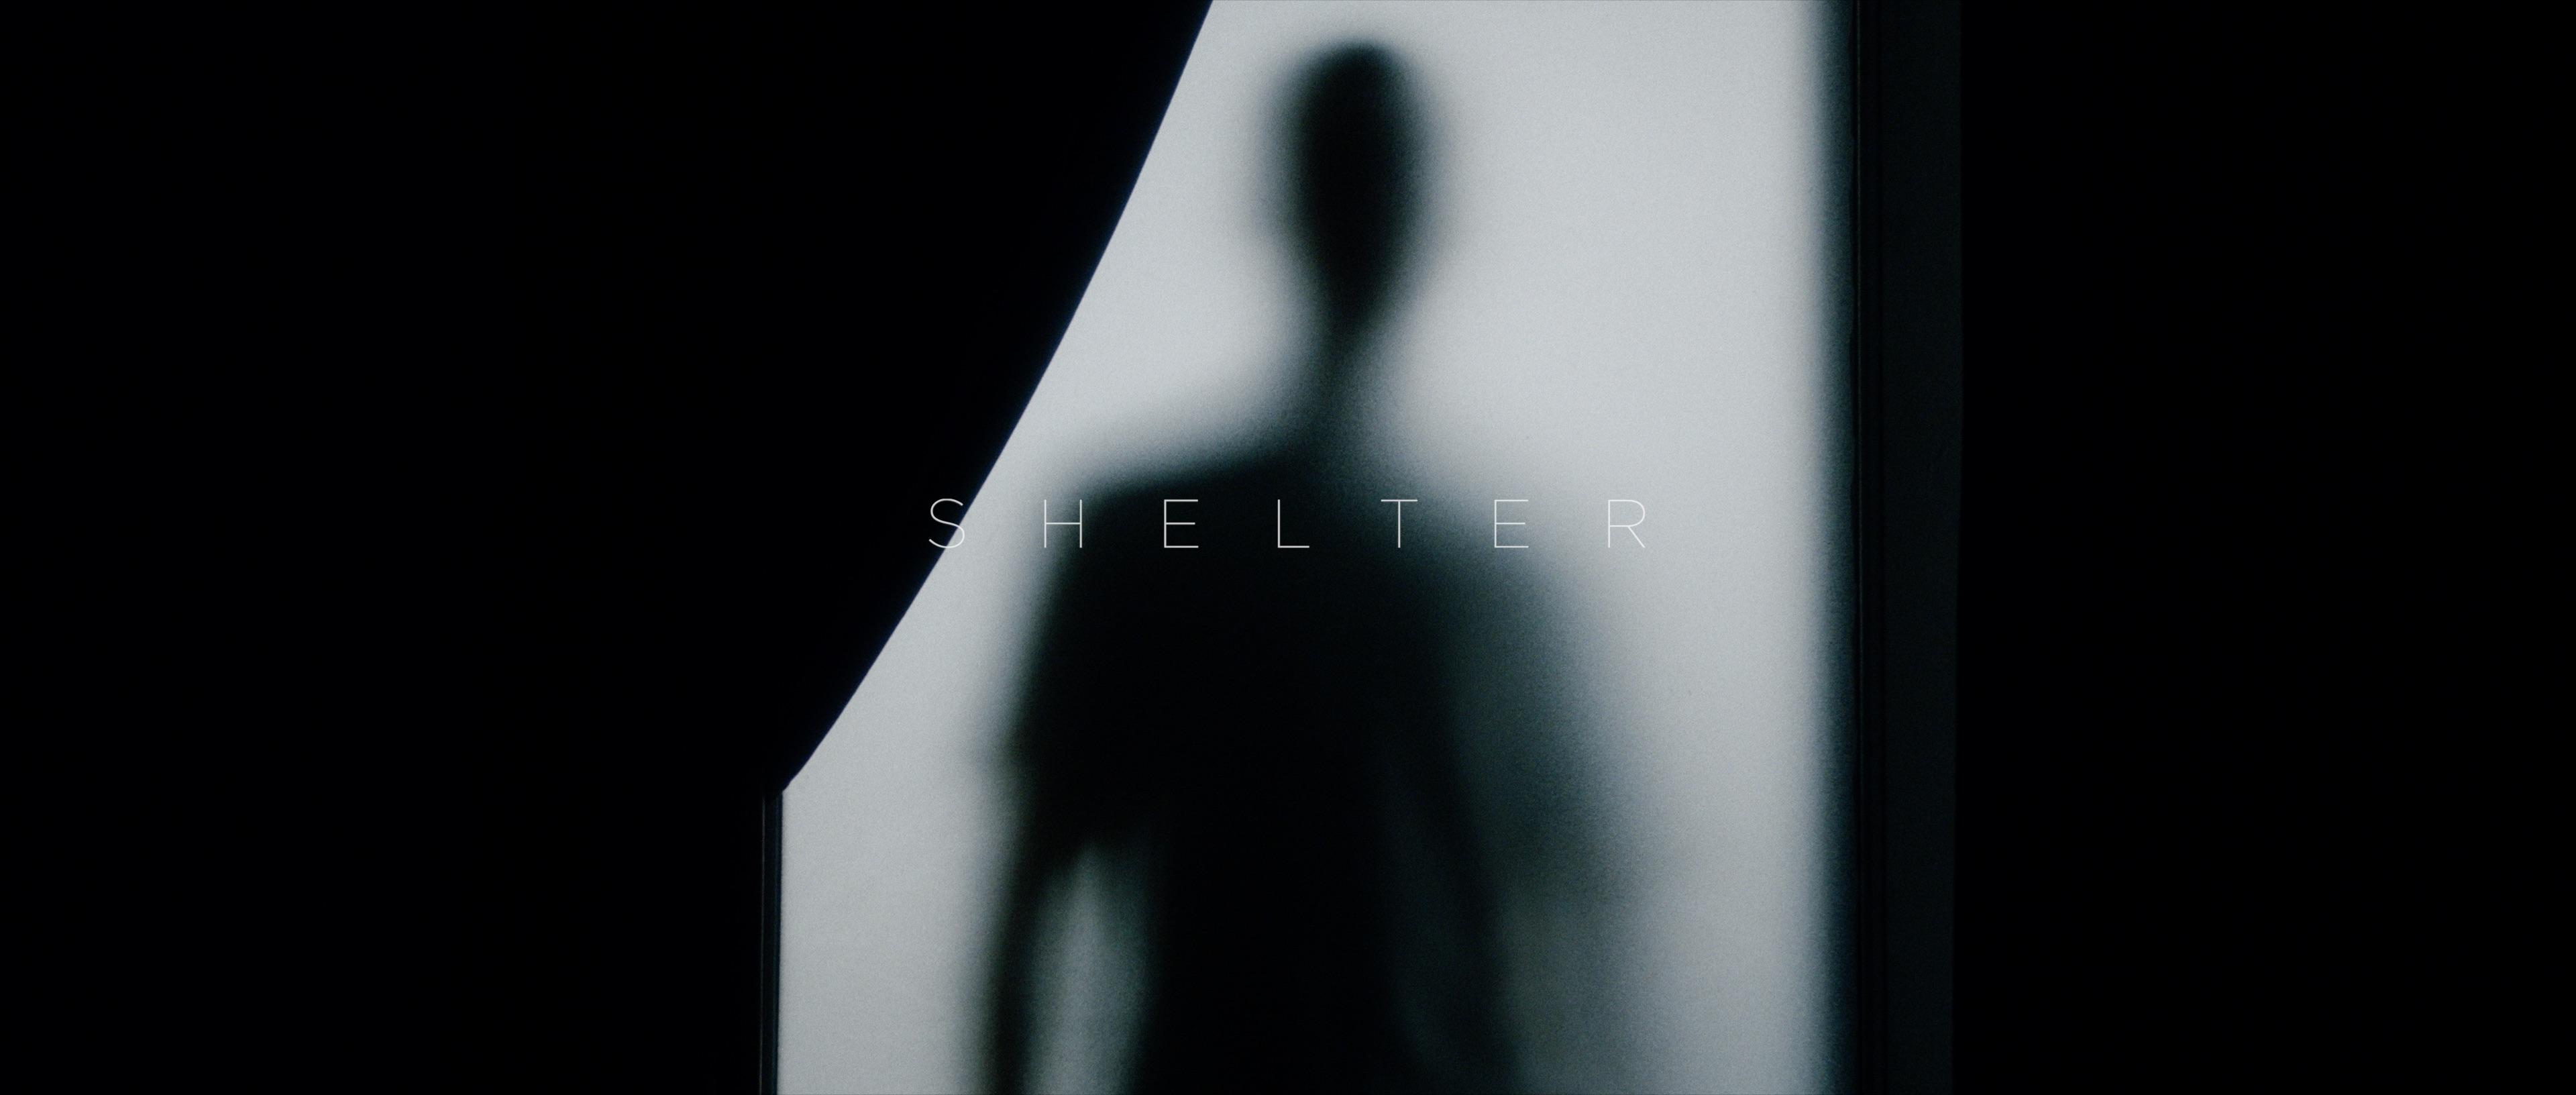 SHELTER | My RØDE Reel 2020